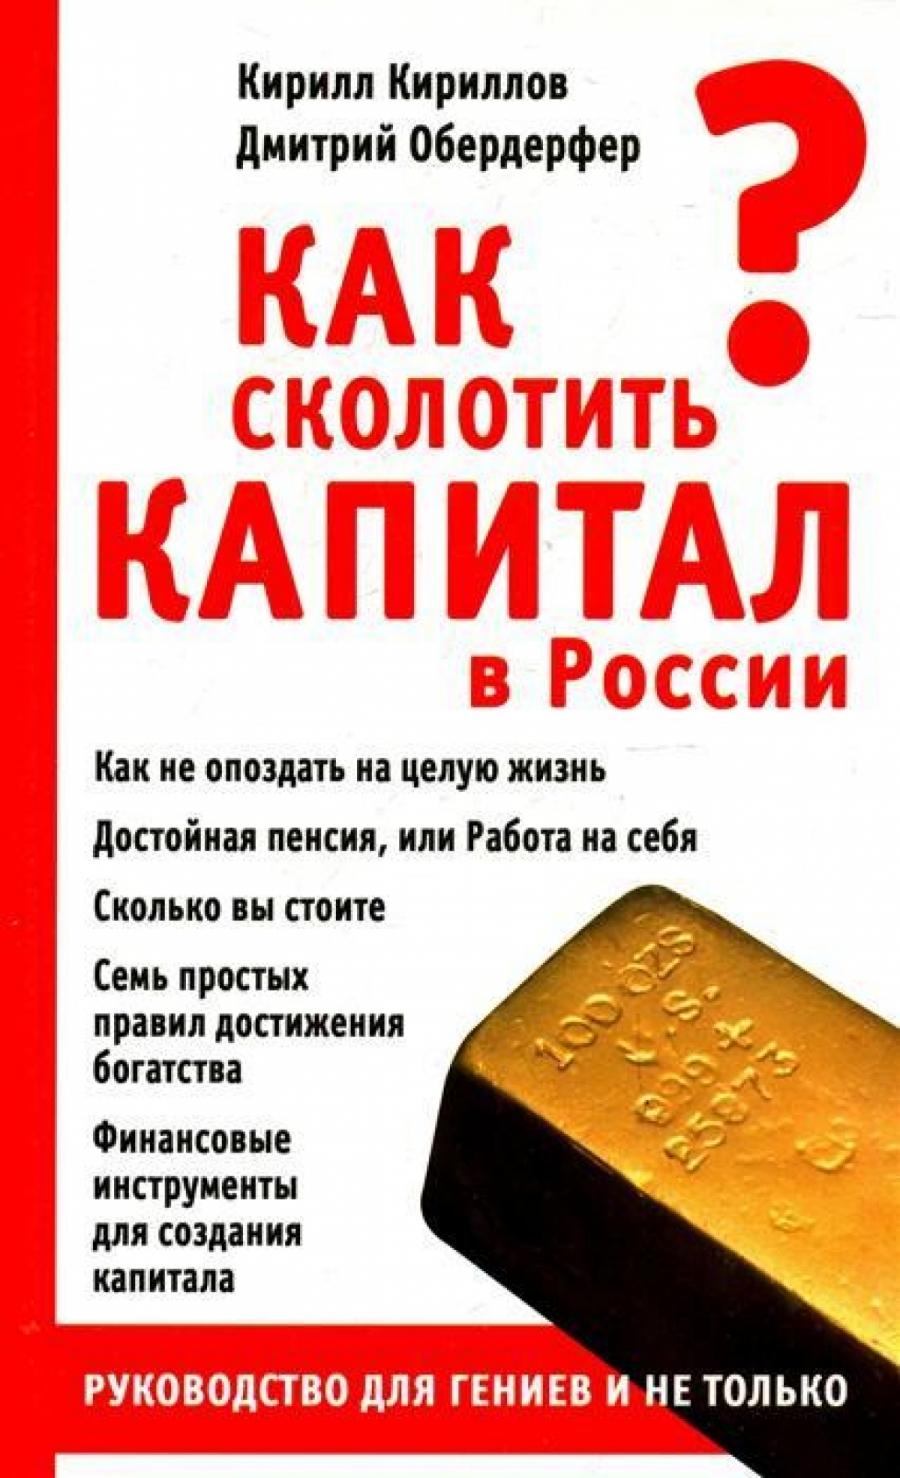 Обложка книги:  кирилл кириллов, дмитрий обердерфер - как сколотить капитал в россии